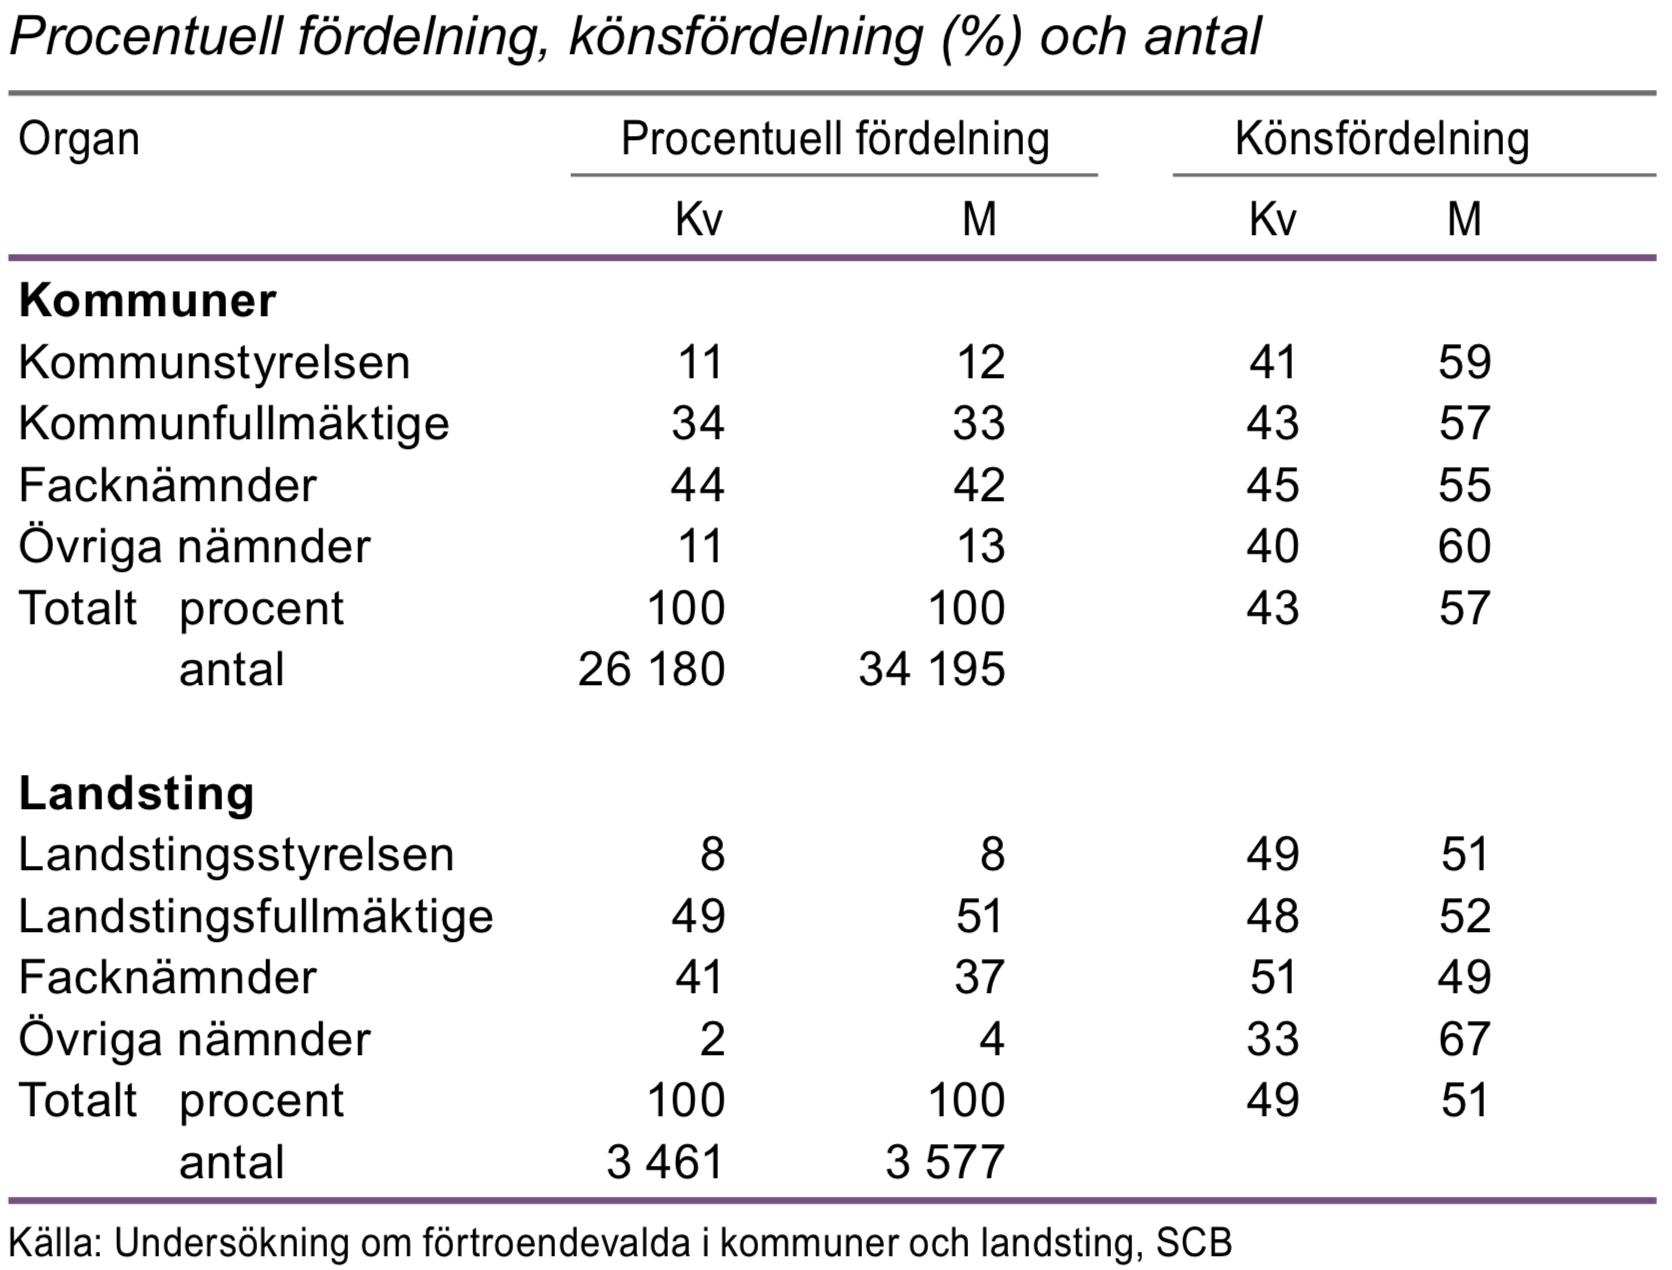 Förtroendeuppdrag i kommuner och landsting efter organ 2015